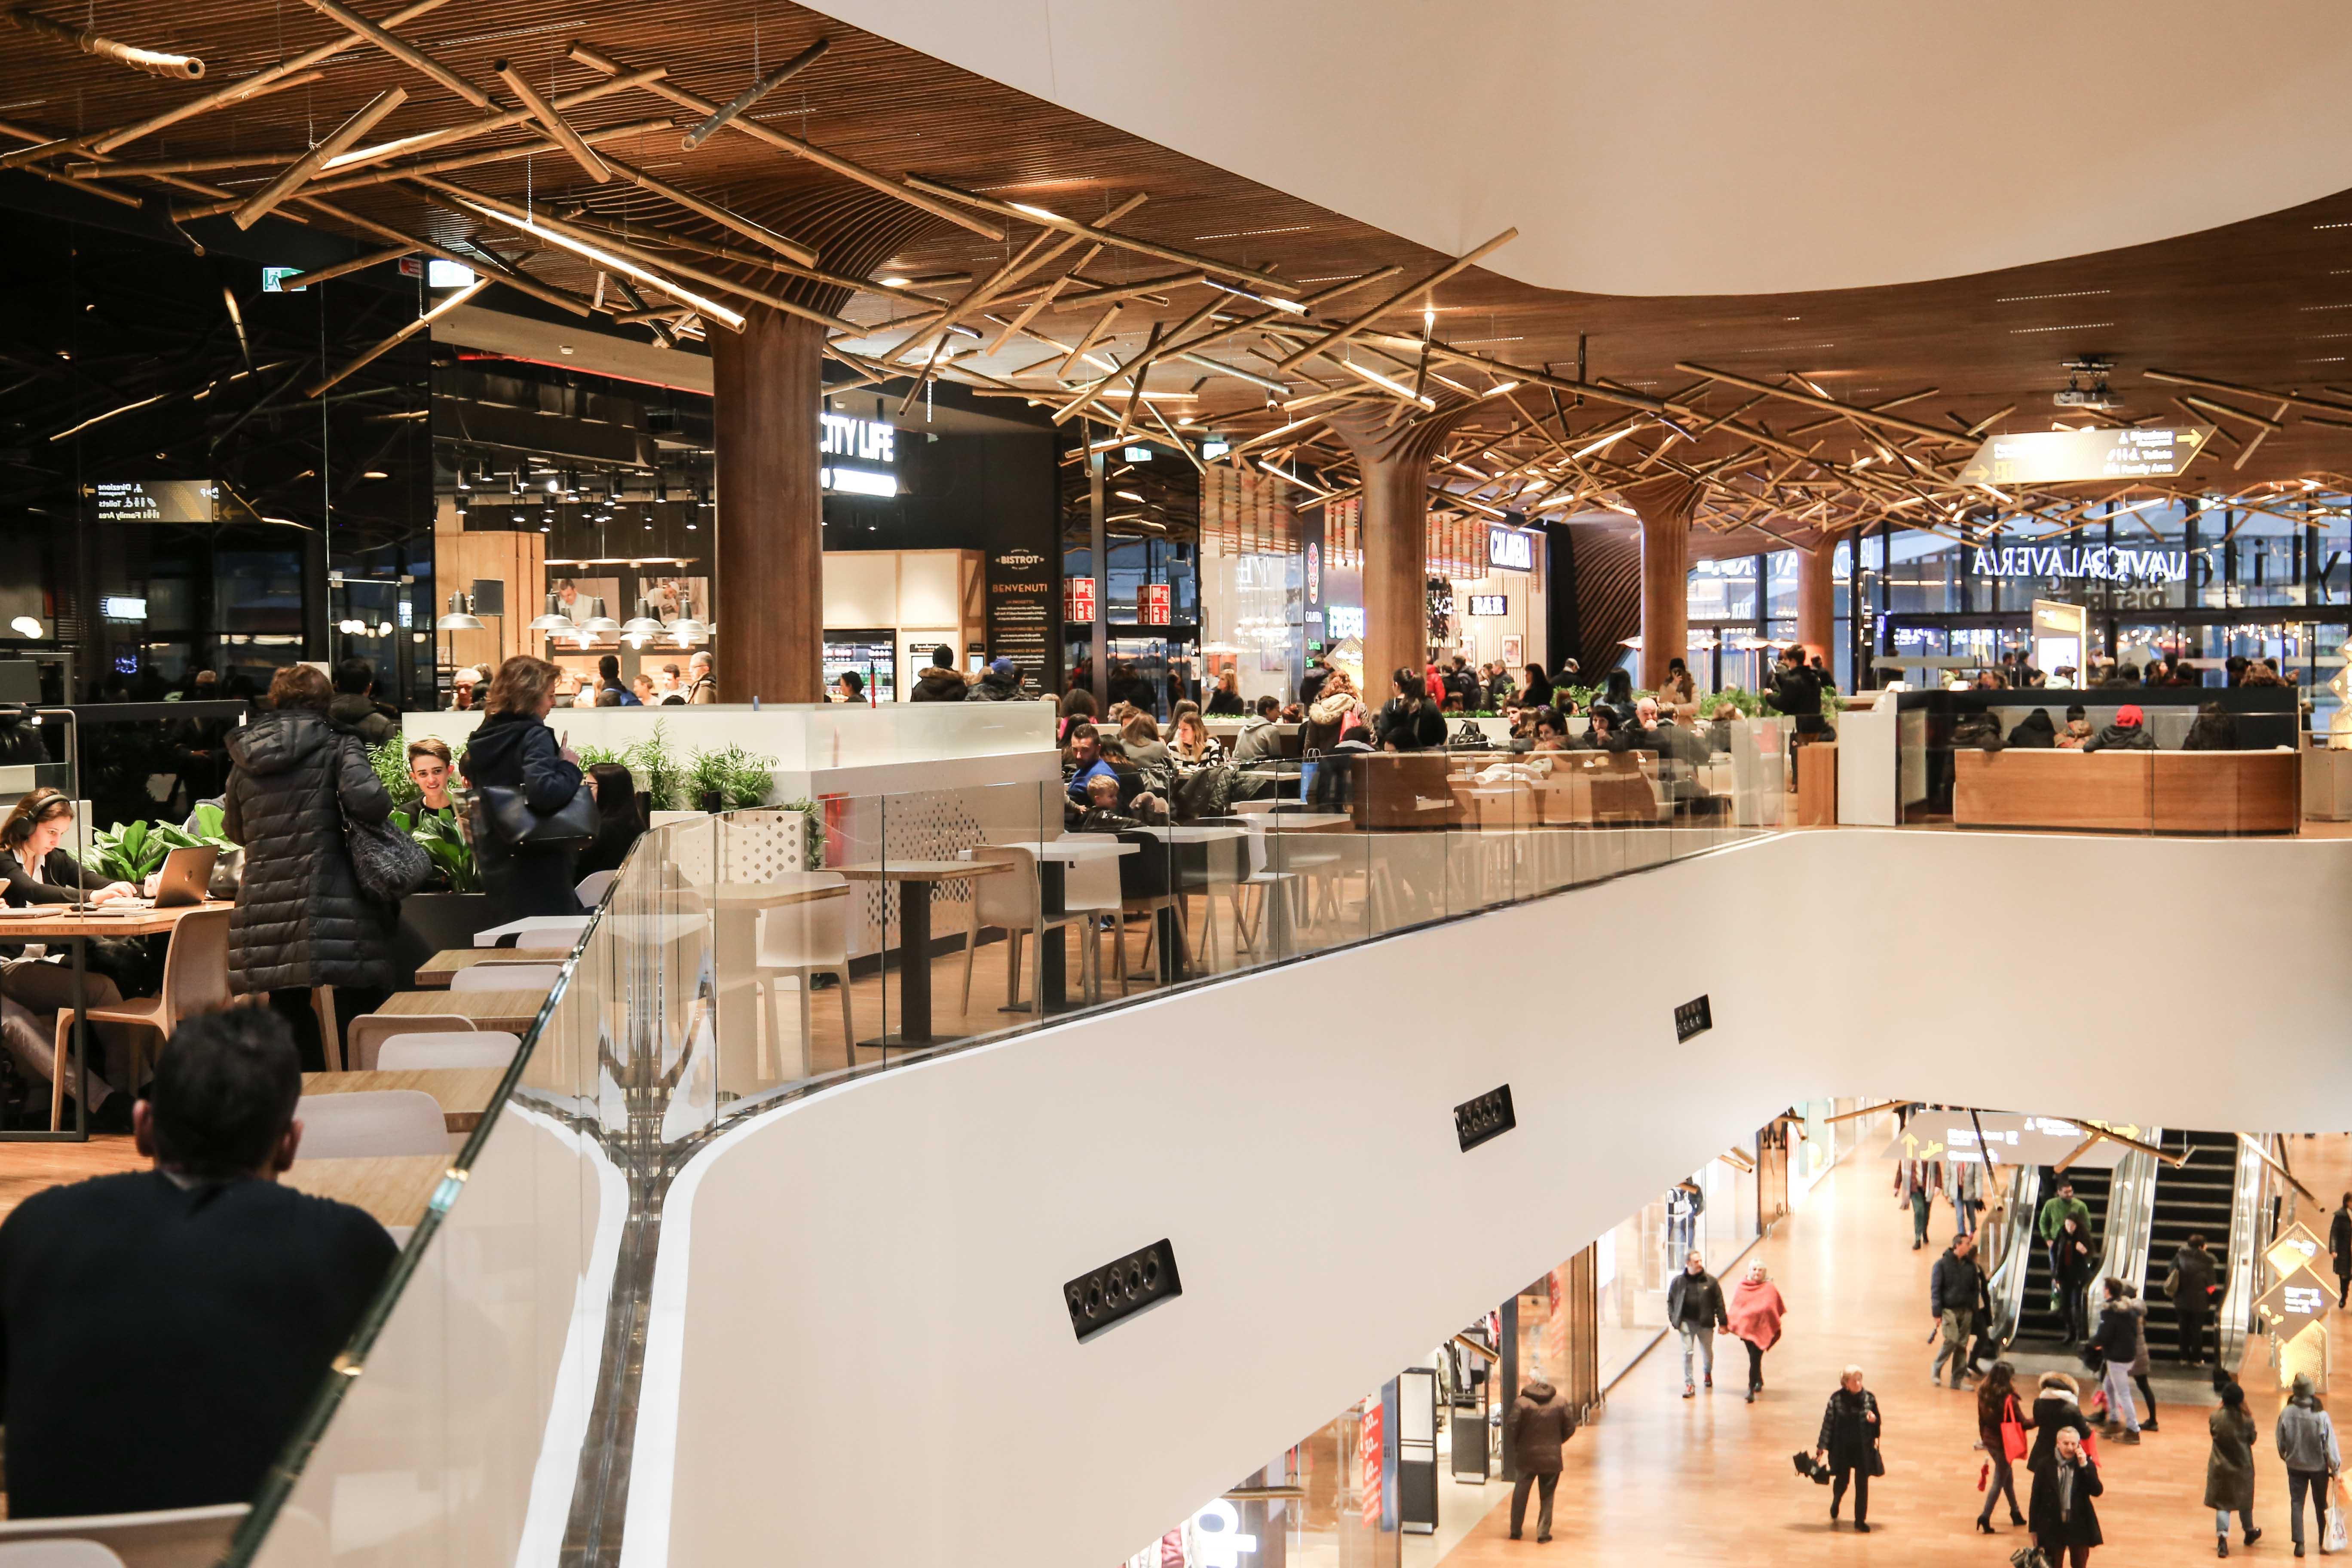 City-Life-Einkaufszentrum_Mailand_Shoppen_Einkaufen_Geschäfte_Straße_Shopping_Guide